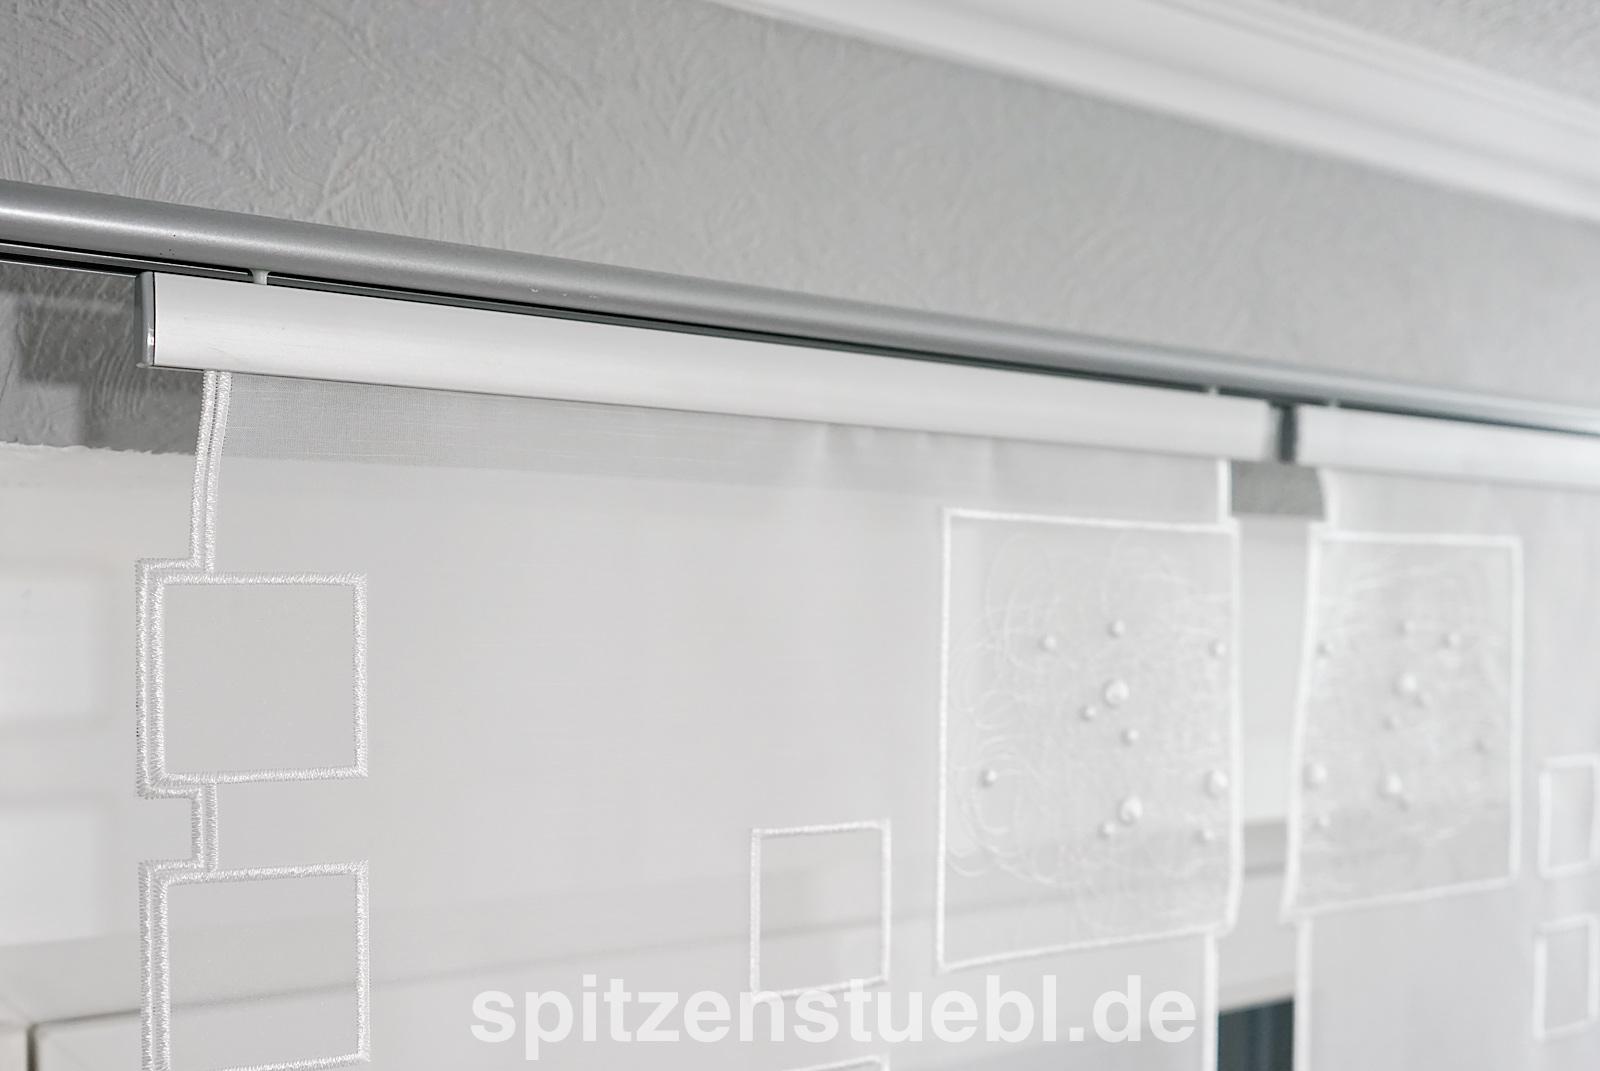 Full Size of Scheibengardinen Modern Plauener Spitze Online Esstisch Modernes Bett Design Deckenlampen Wohnzimmer 180x200 Moderne Esstische Bilder Küche Holz Weiss Wohnzimmer Scheibengardinen Modern